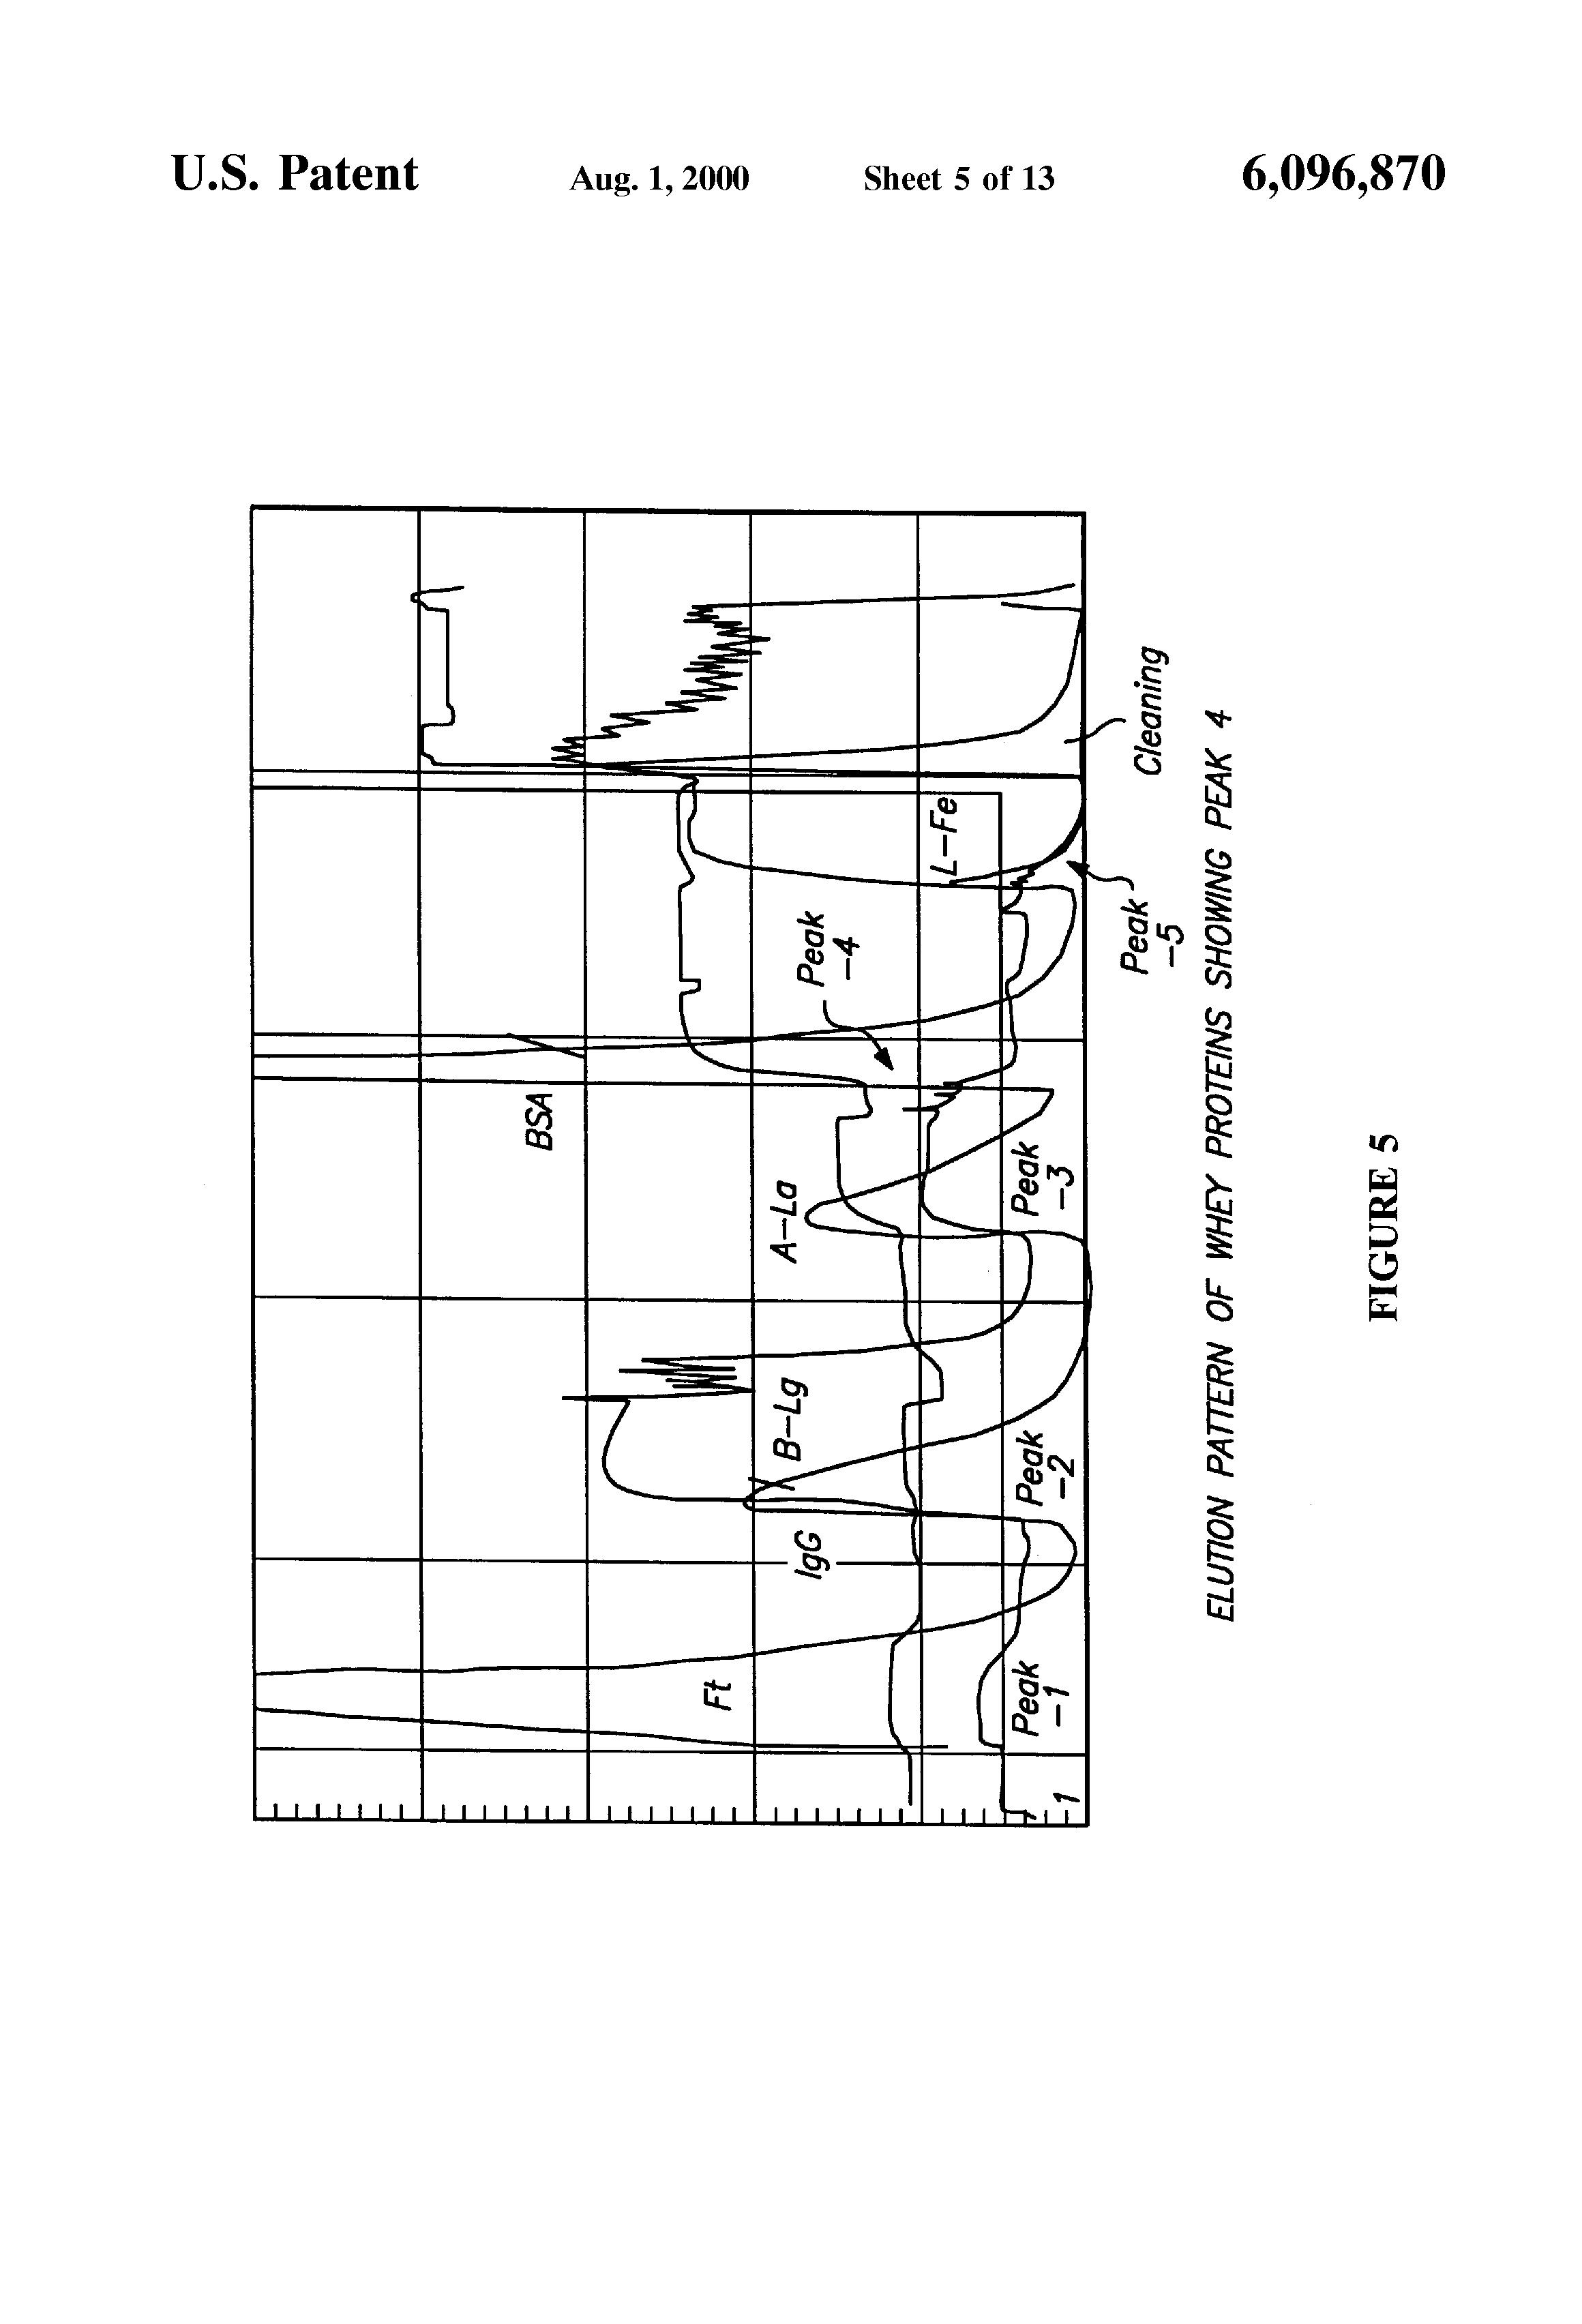 Fabulous Patent Drawing